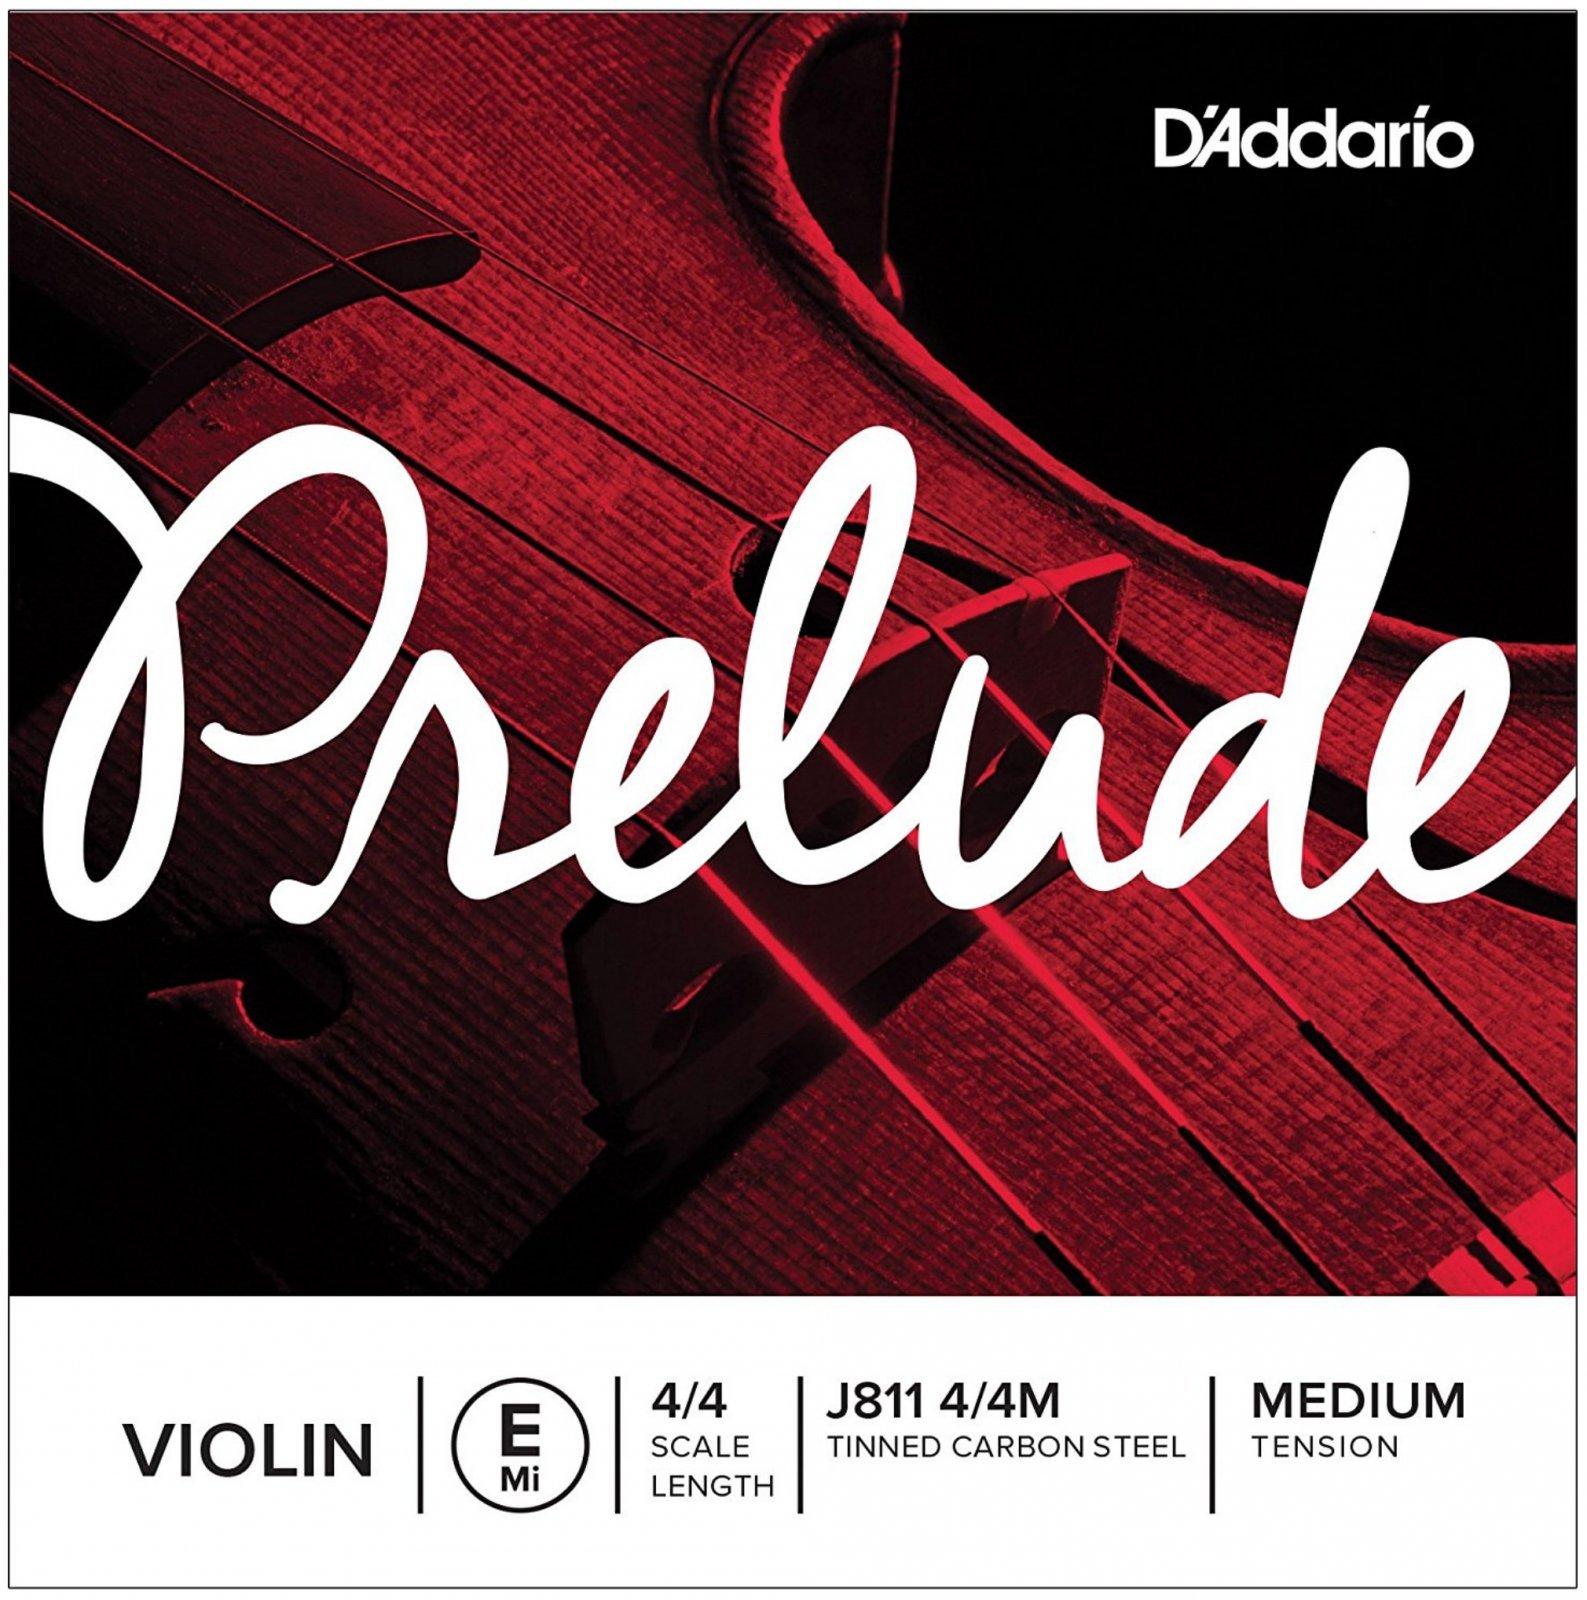 Violin String (E) | D'Addario Prelude